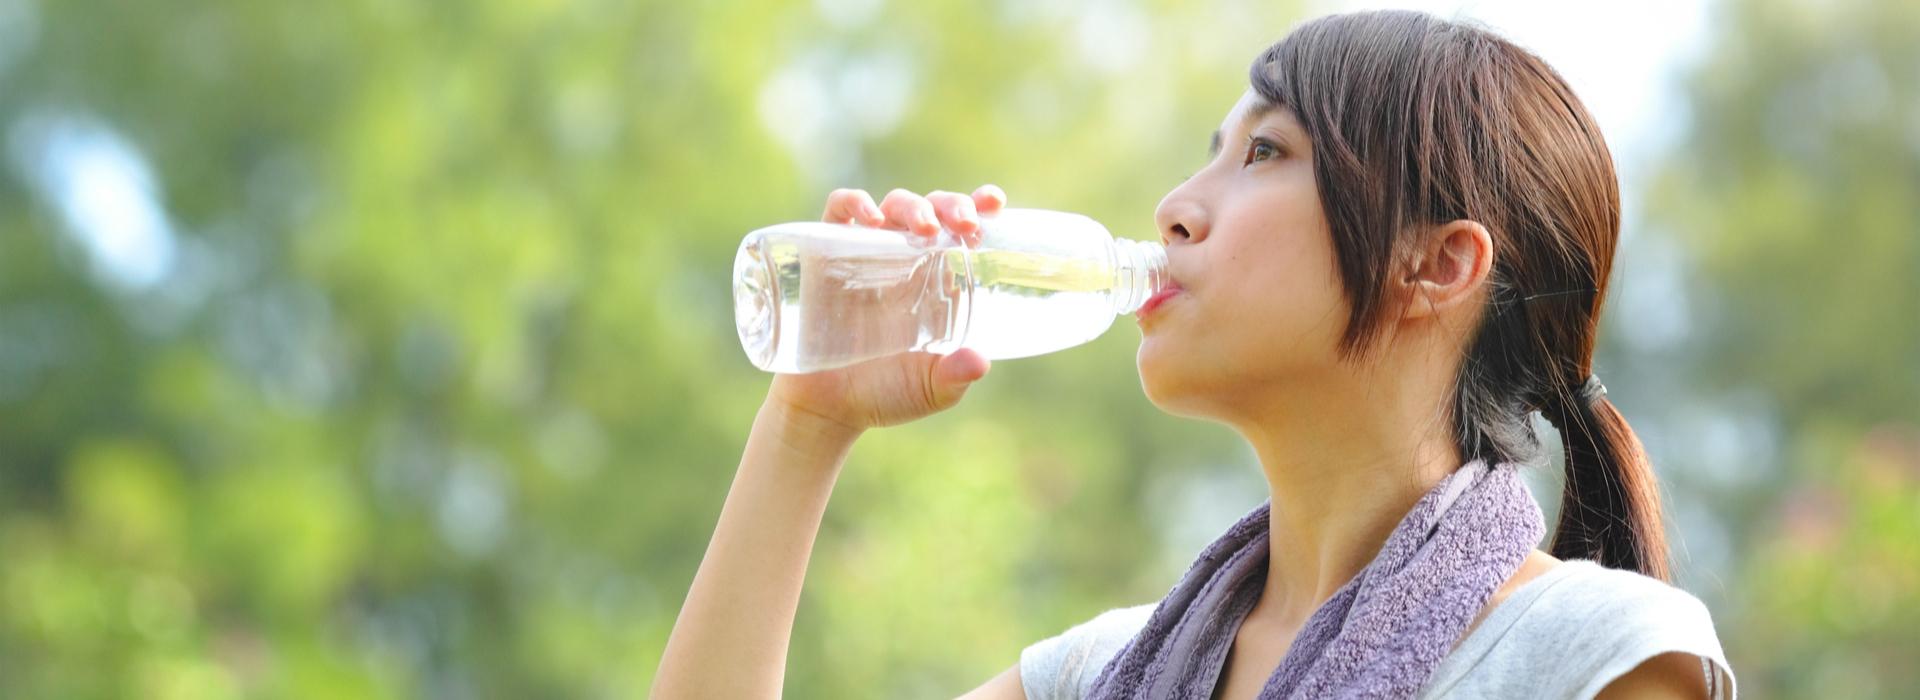 瓶裝水含塑膠微粒?毒物科醫師這樣分析